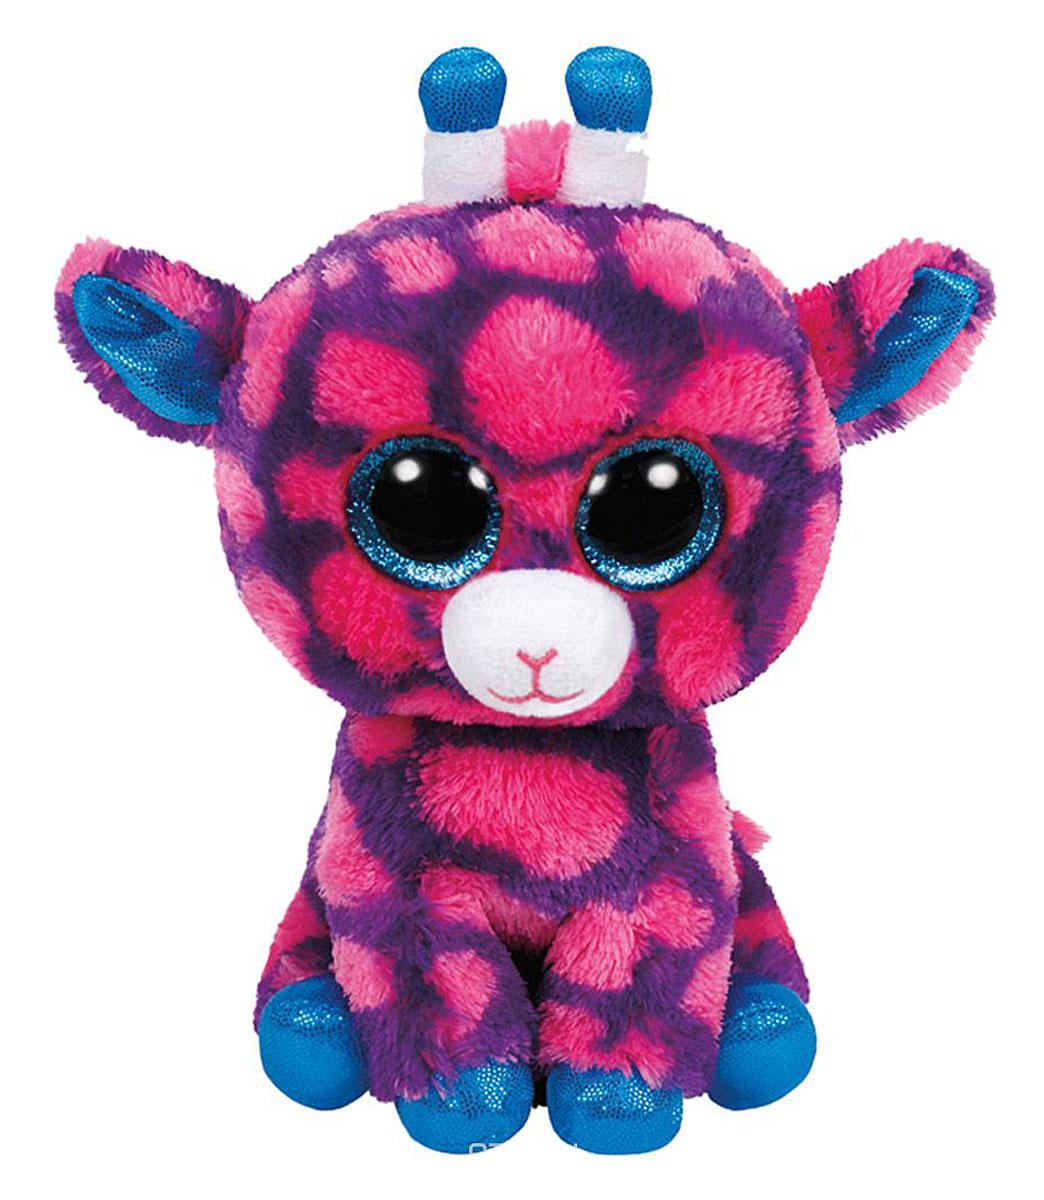 TY Мягкая игрушка Жираф Sky High 15 см36178Мягкая игрушка Жираф Sky High обязательно вызовет приятные эмоции и улыбку у каждого. Игрушка изготовлена из безопасных, приятных на ощупь материалов в виде мягкого розового жирафа. У игрушки огромные пластиковые глазки, блестящие голубые копытца и рожки. Пластиковые гранулы, используемые при набивке игрушки, способствуют развитию мелкой моторики рук ребенка. Симпатичная игрушка будет радовать вашего ребенка, способствовать полноценному и гармоничному развитию его личности. Великолепное качество исполнения делают эту игрушку чудесным подарком к любому празднику, как для ребенка, так и взрослого человека!